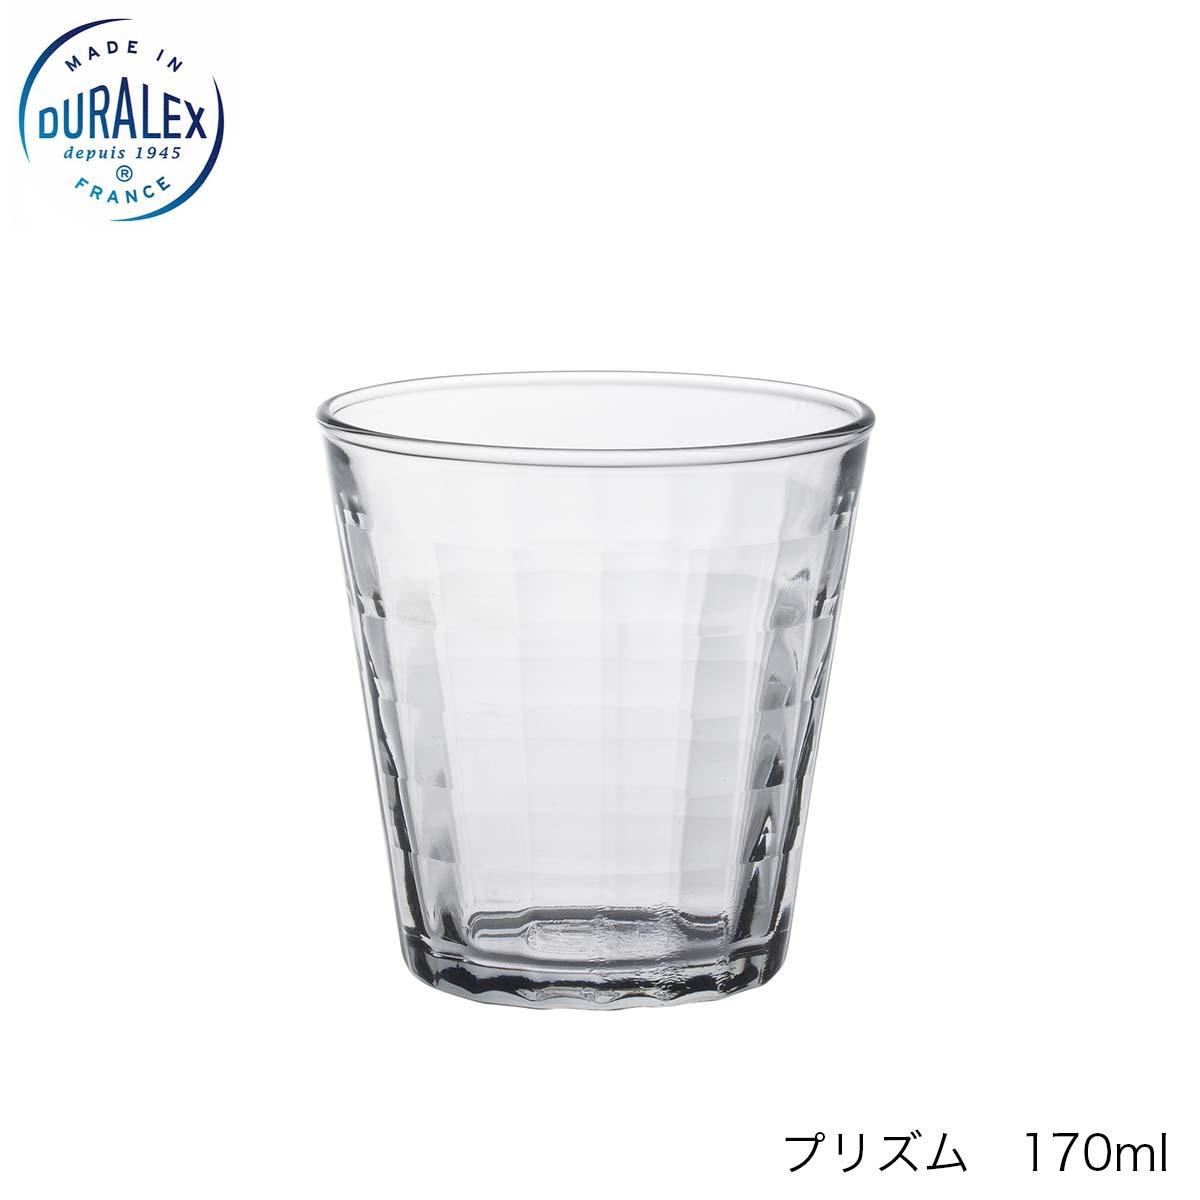 全面物理強化ガラス DURALEX 人気ブランド デュラレックス 開催中 プリズム フランス製 6個セット 170ml